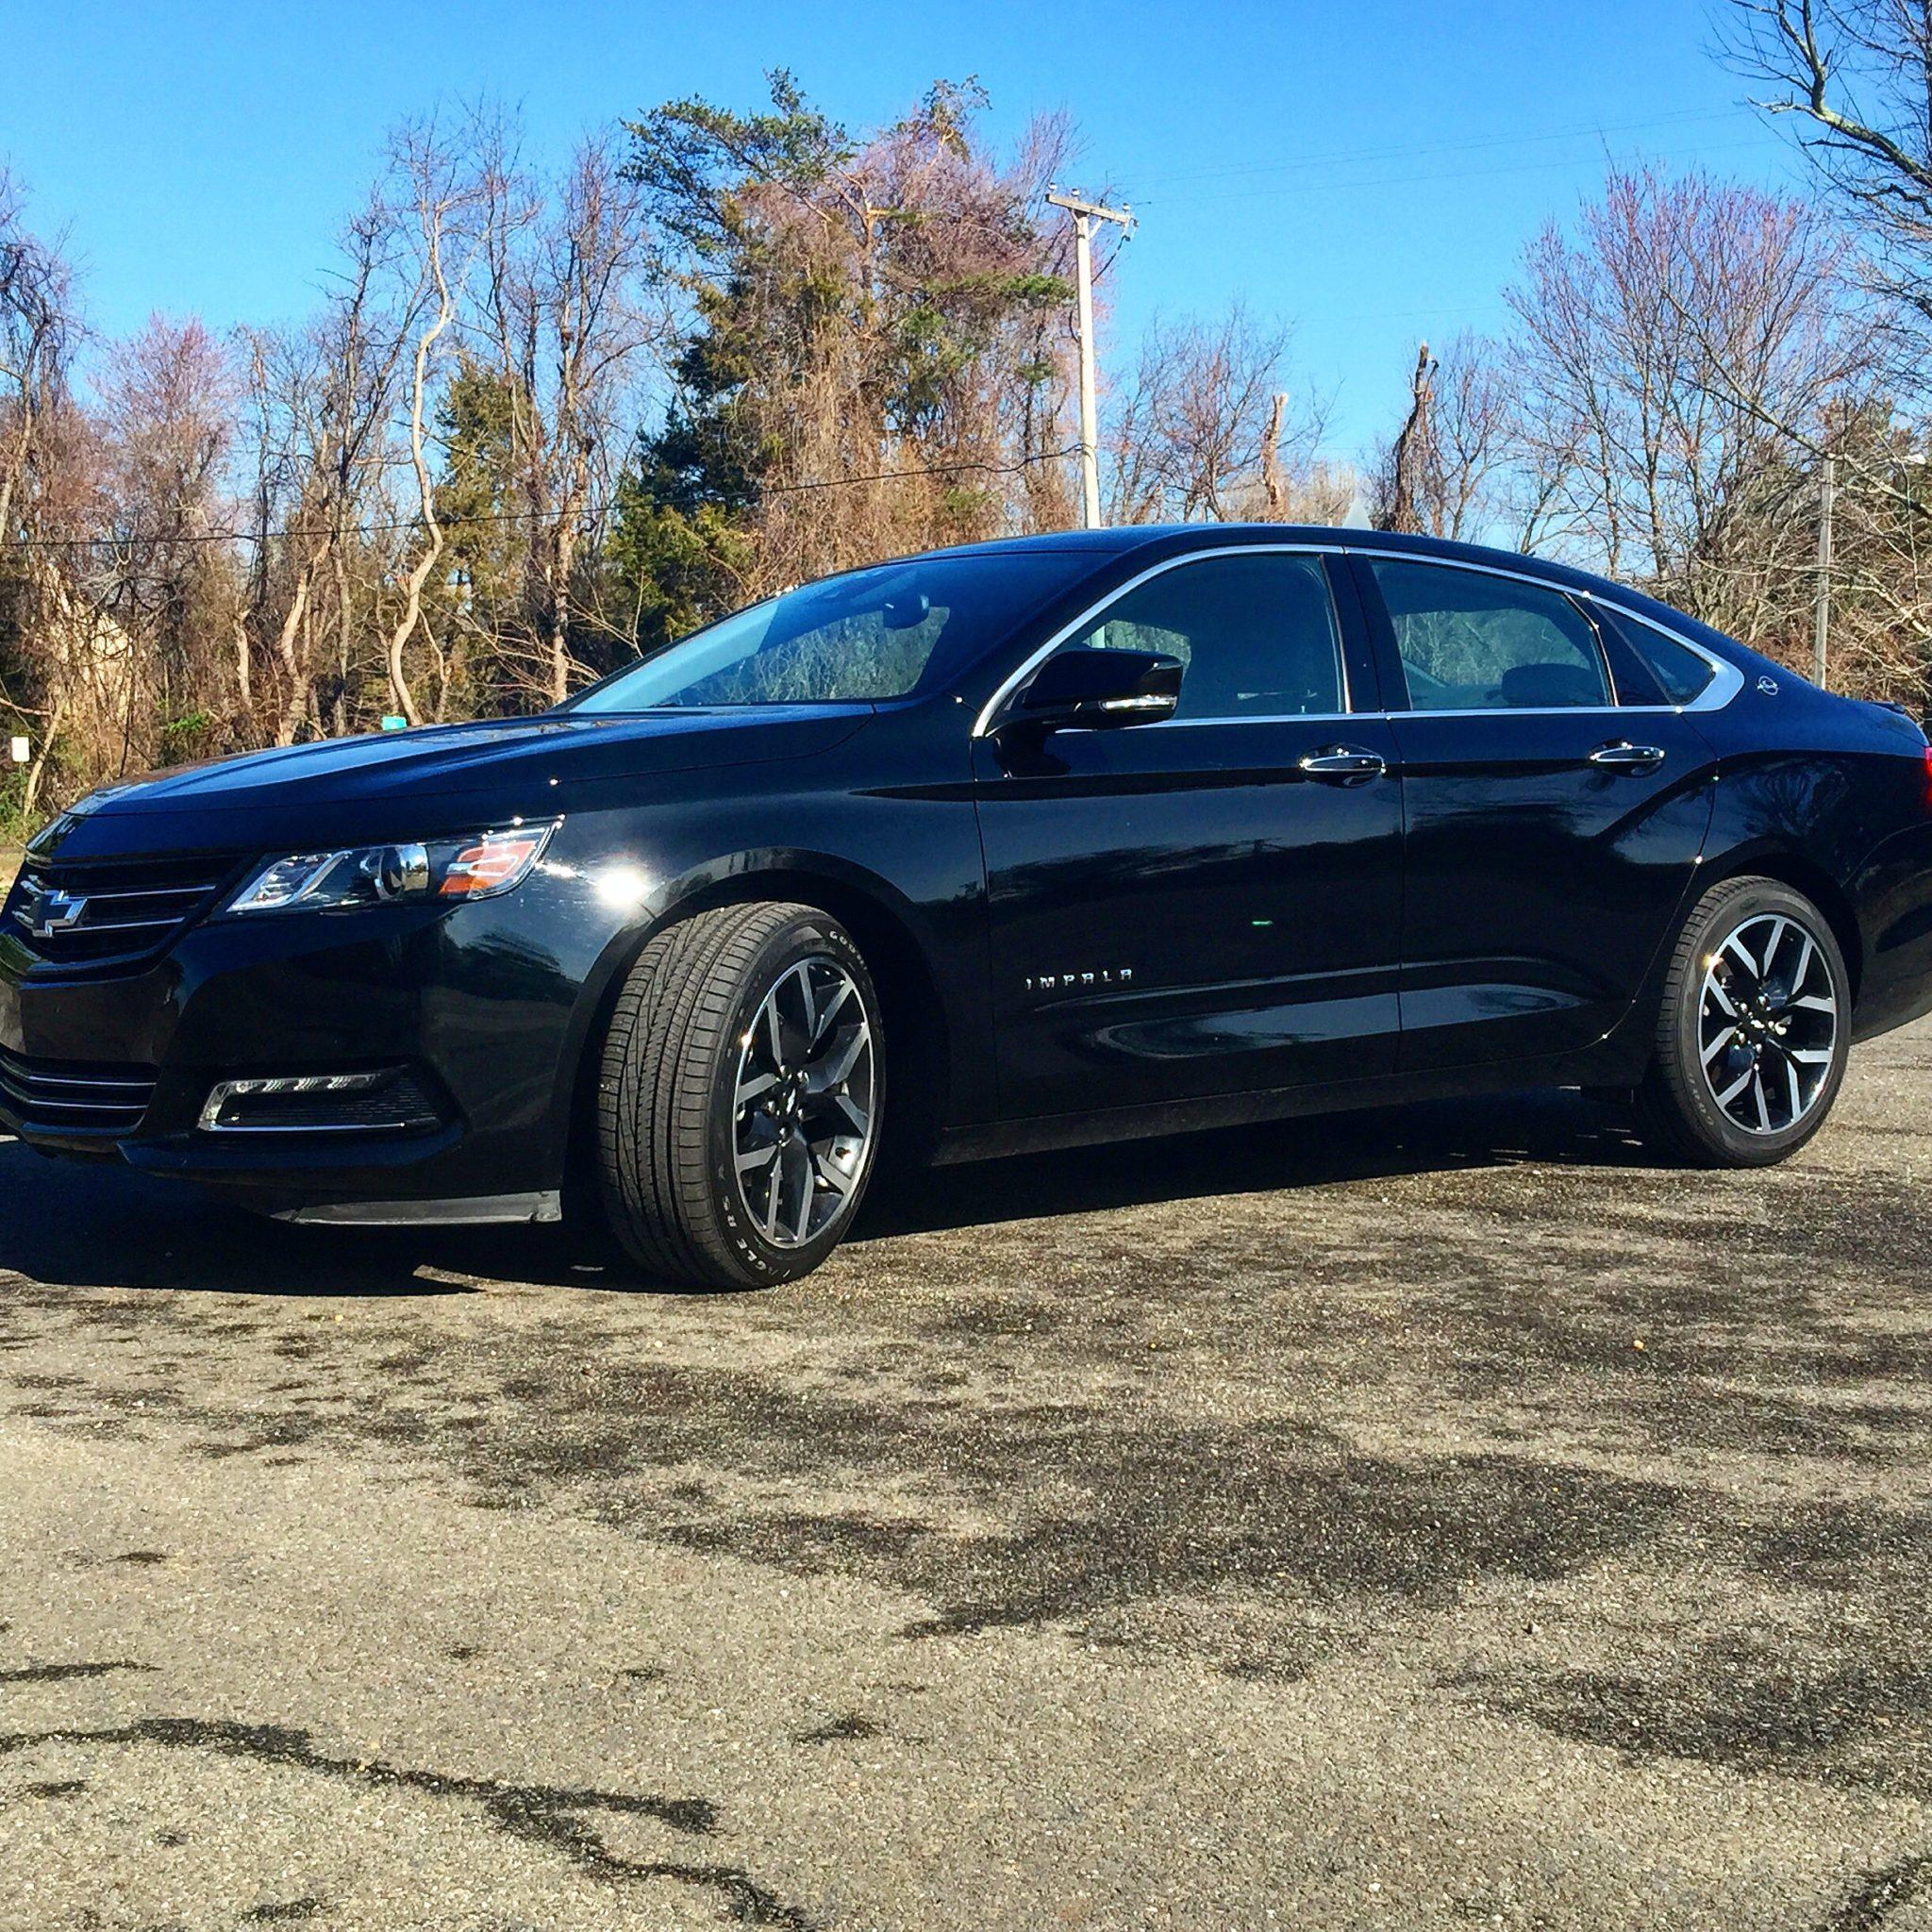 Impala Auto Review